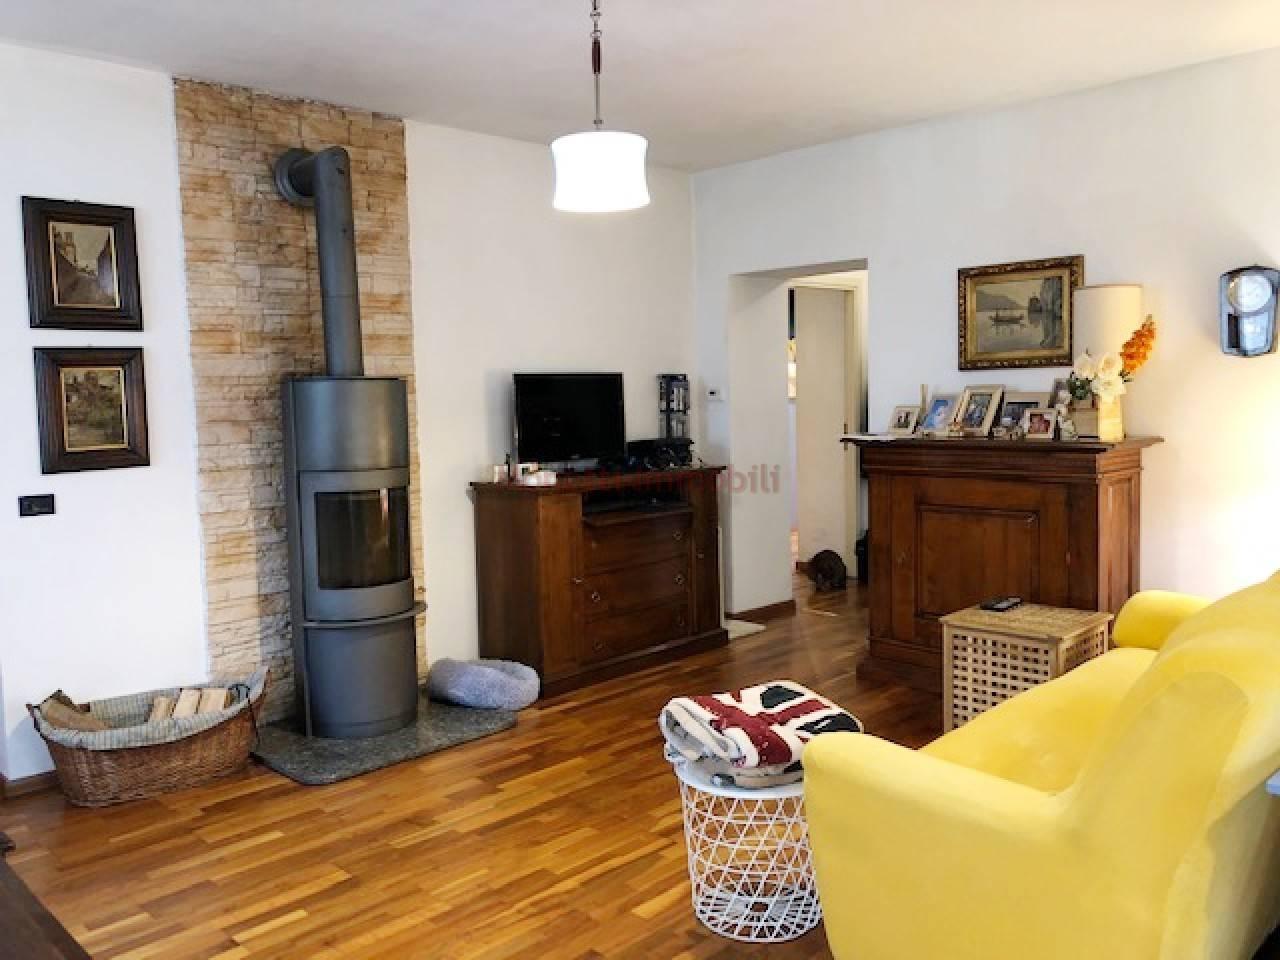 Appartamento in vendita a San Germano Chisone, 4 locali, prezzo € 99.000 | PortaleAgenzieImmobiliari.it